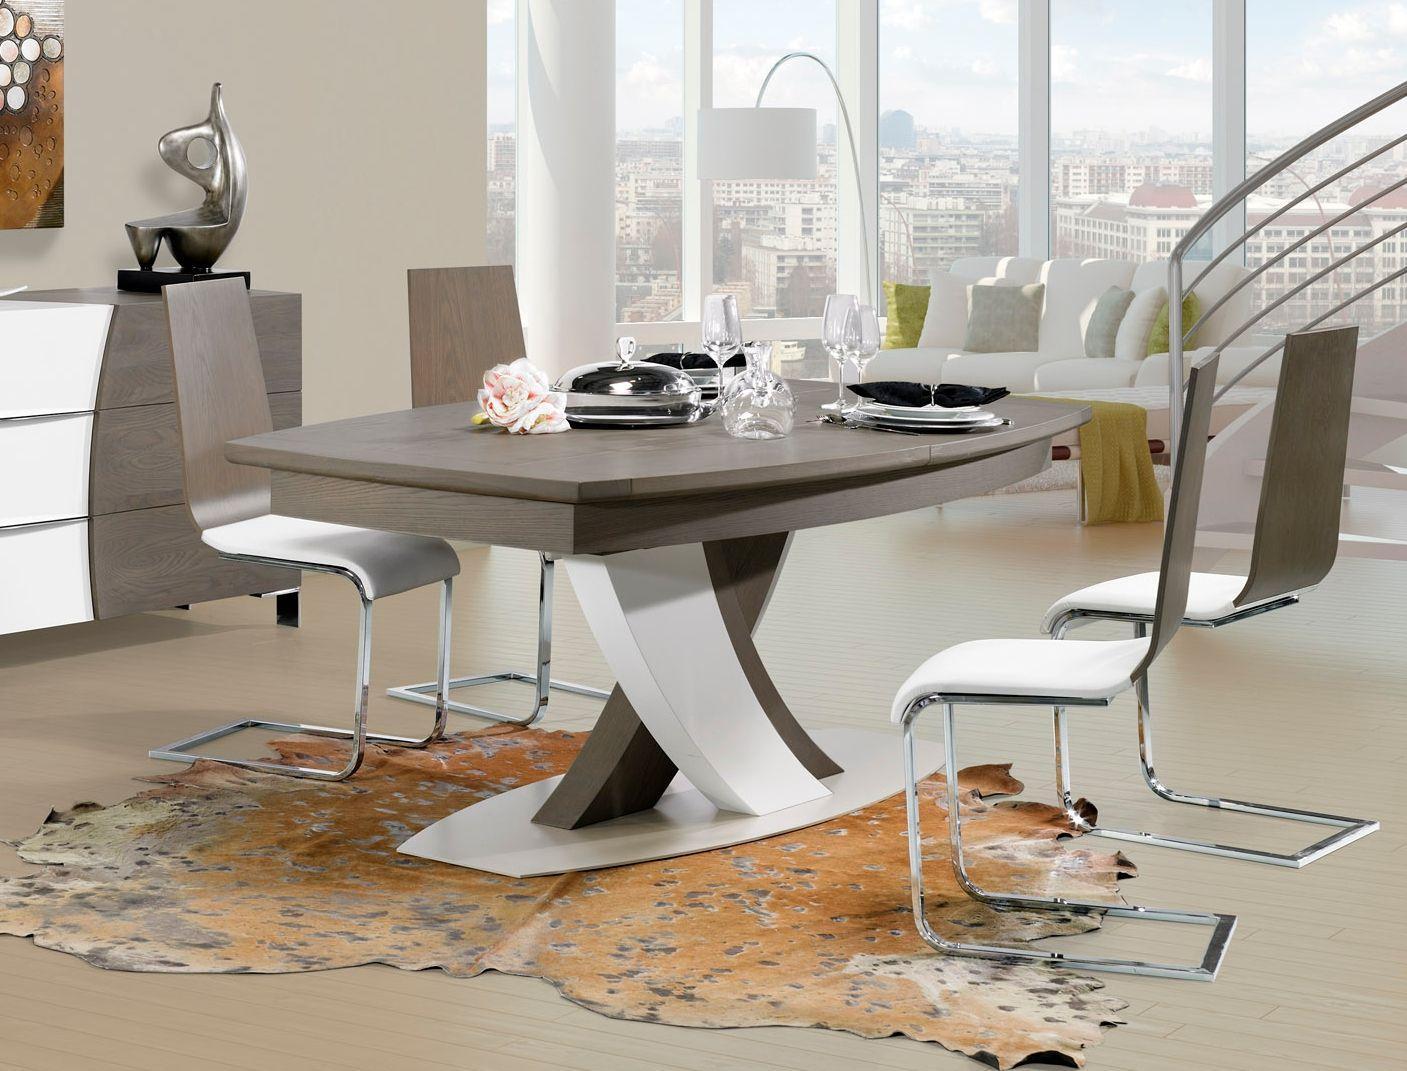 table contemporaine pied central | ambiances | pinterest